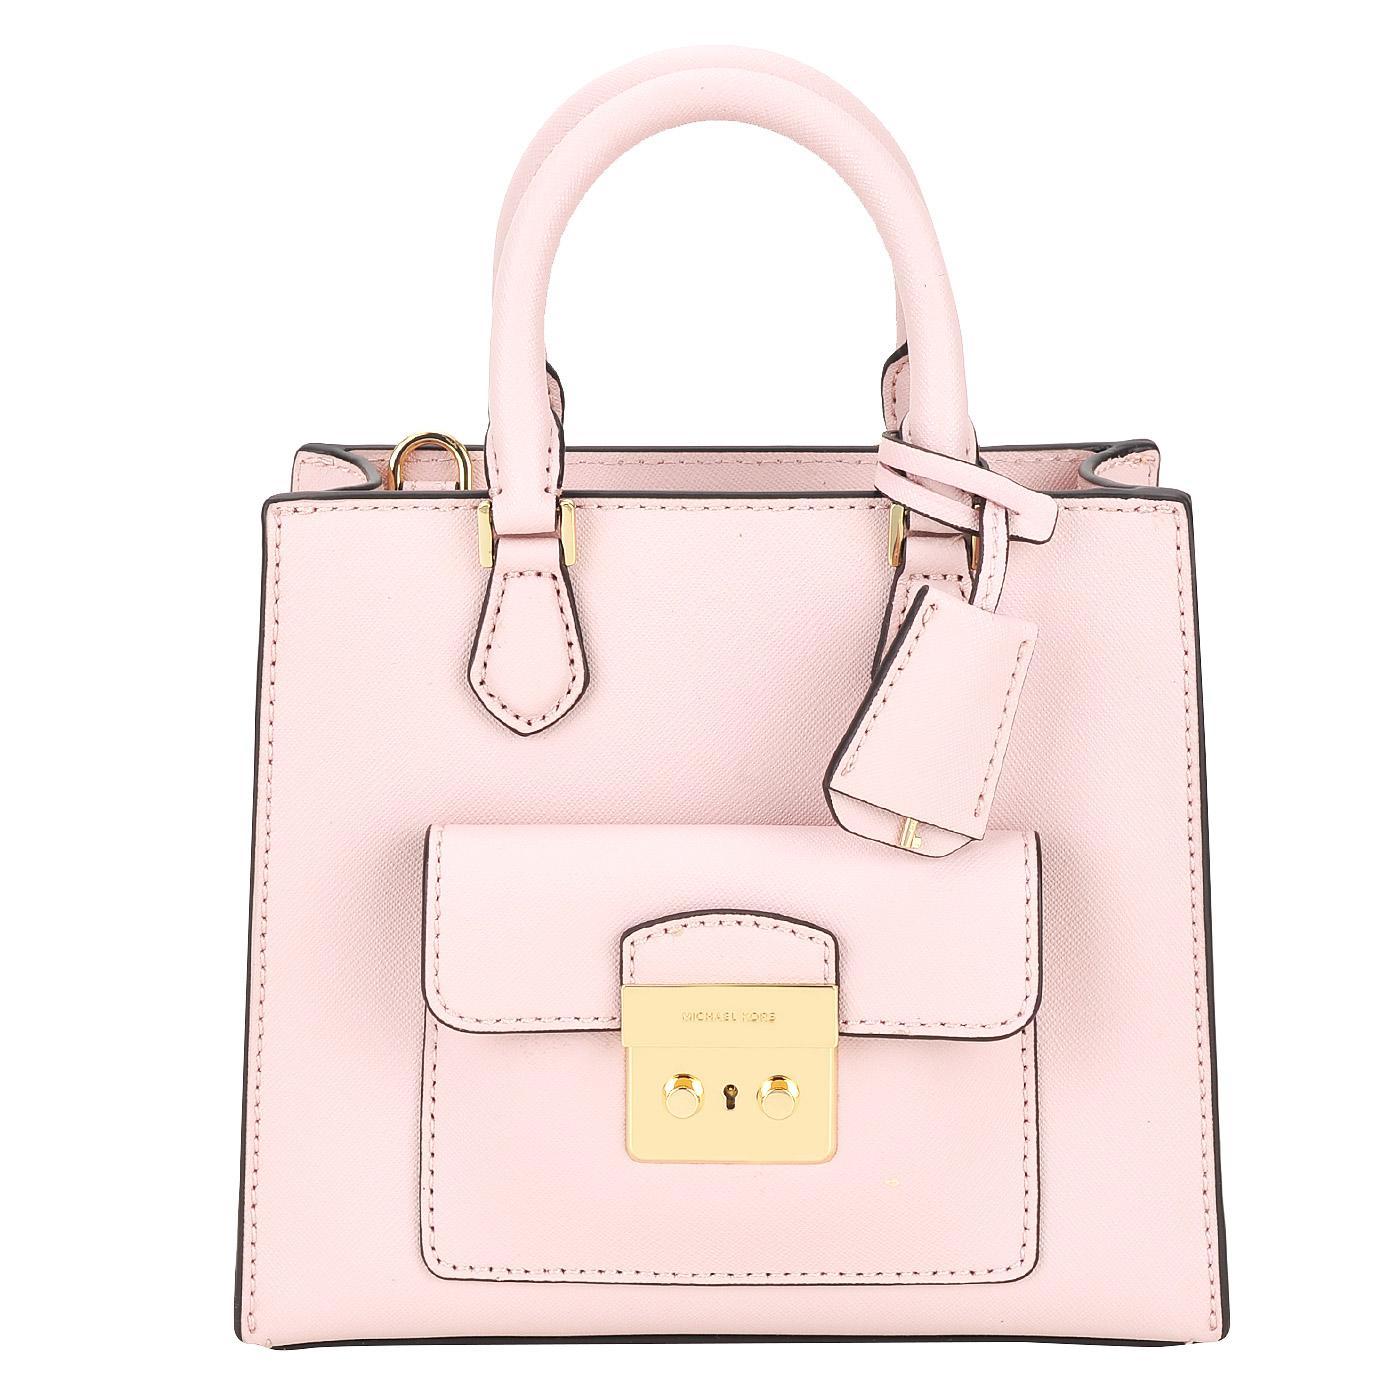 СумкаКлассические сумки<br>Съемный регулируемый плечевой ремешок. Закрывается на молнию. Внутри одно отделение, в котором два кармашка для мелочей. Снаружи на передней стенке сумки карман под клапаном.<br><br>count_sale: 0<br>new: 1<br>sale: 0